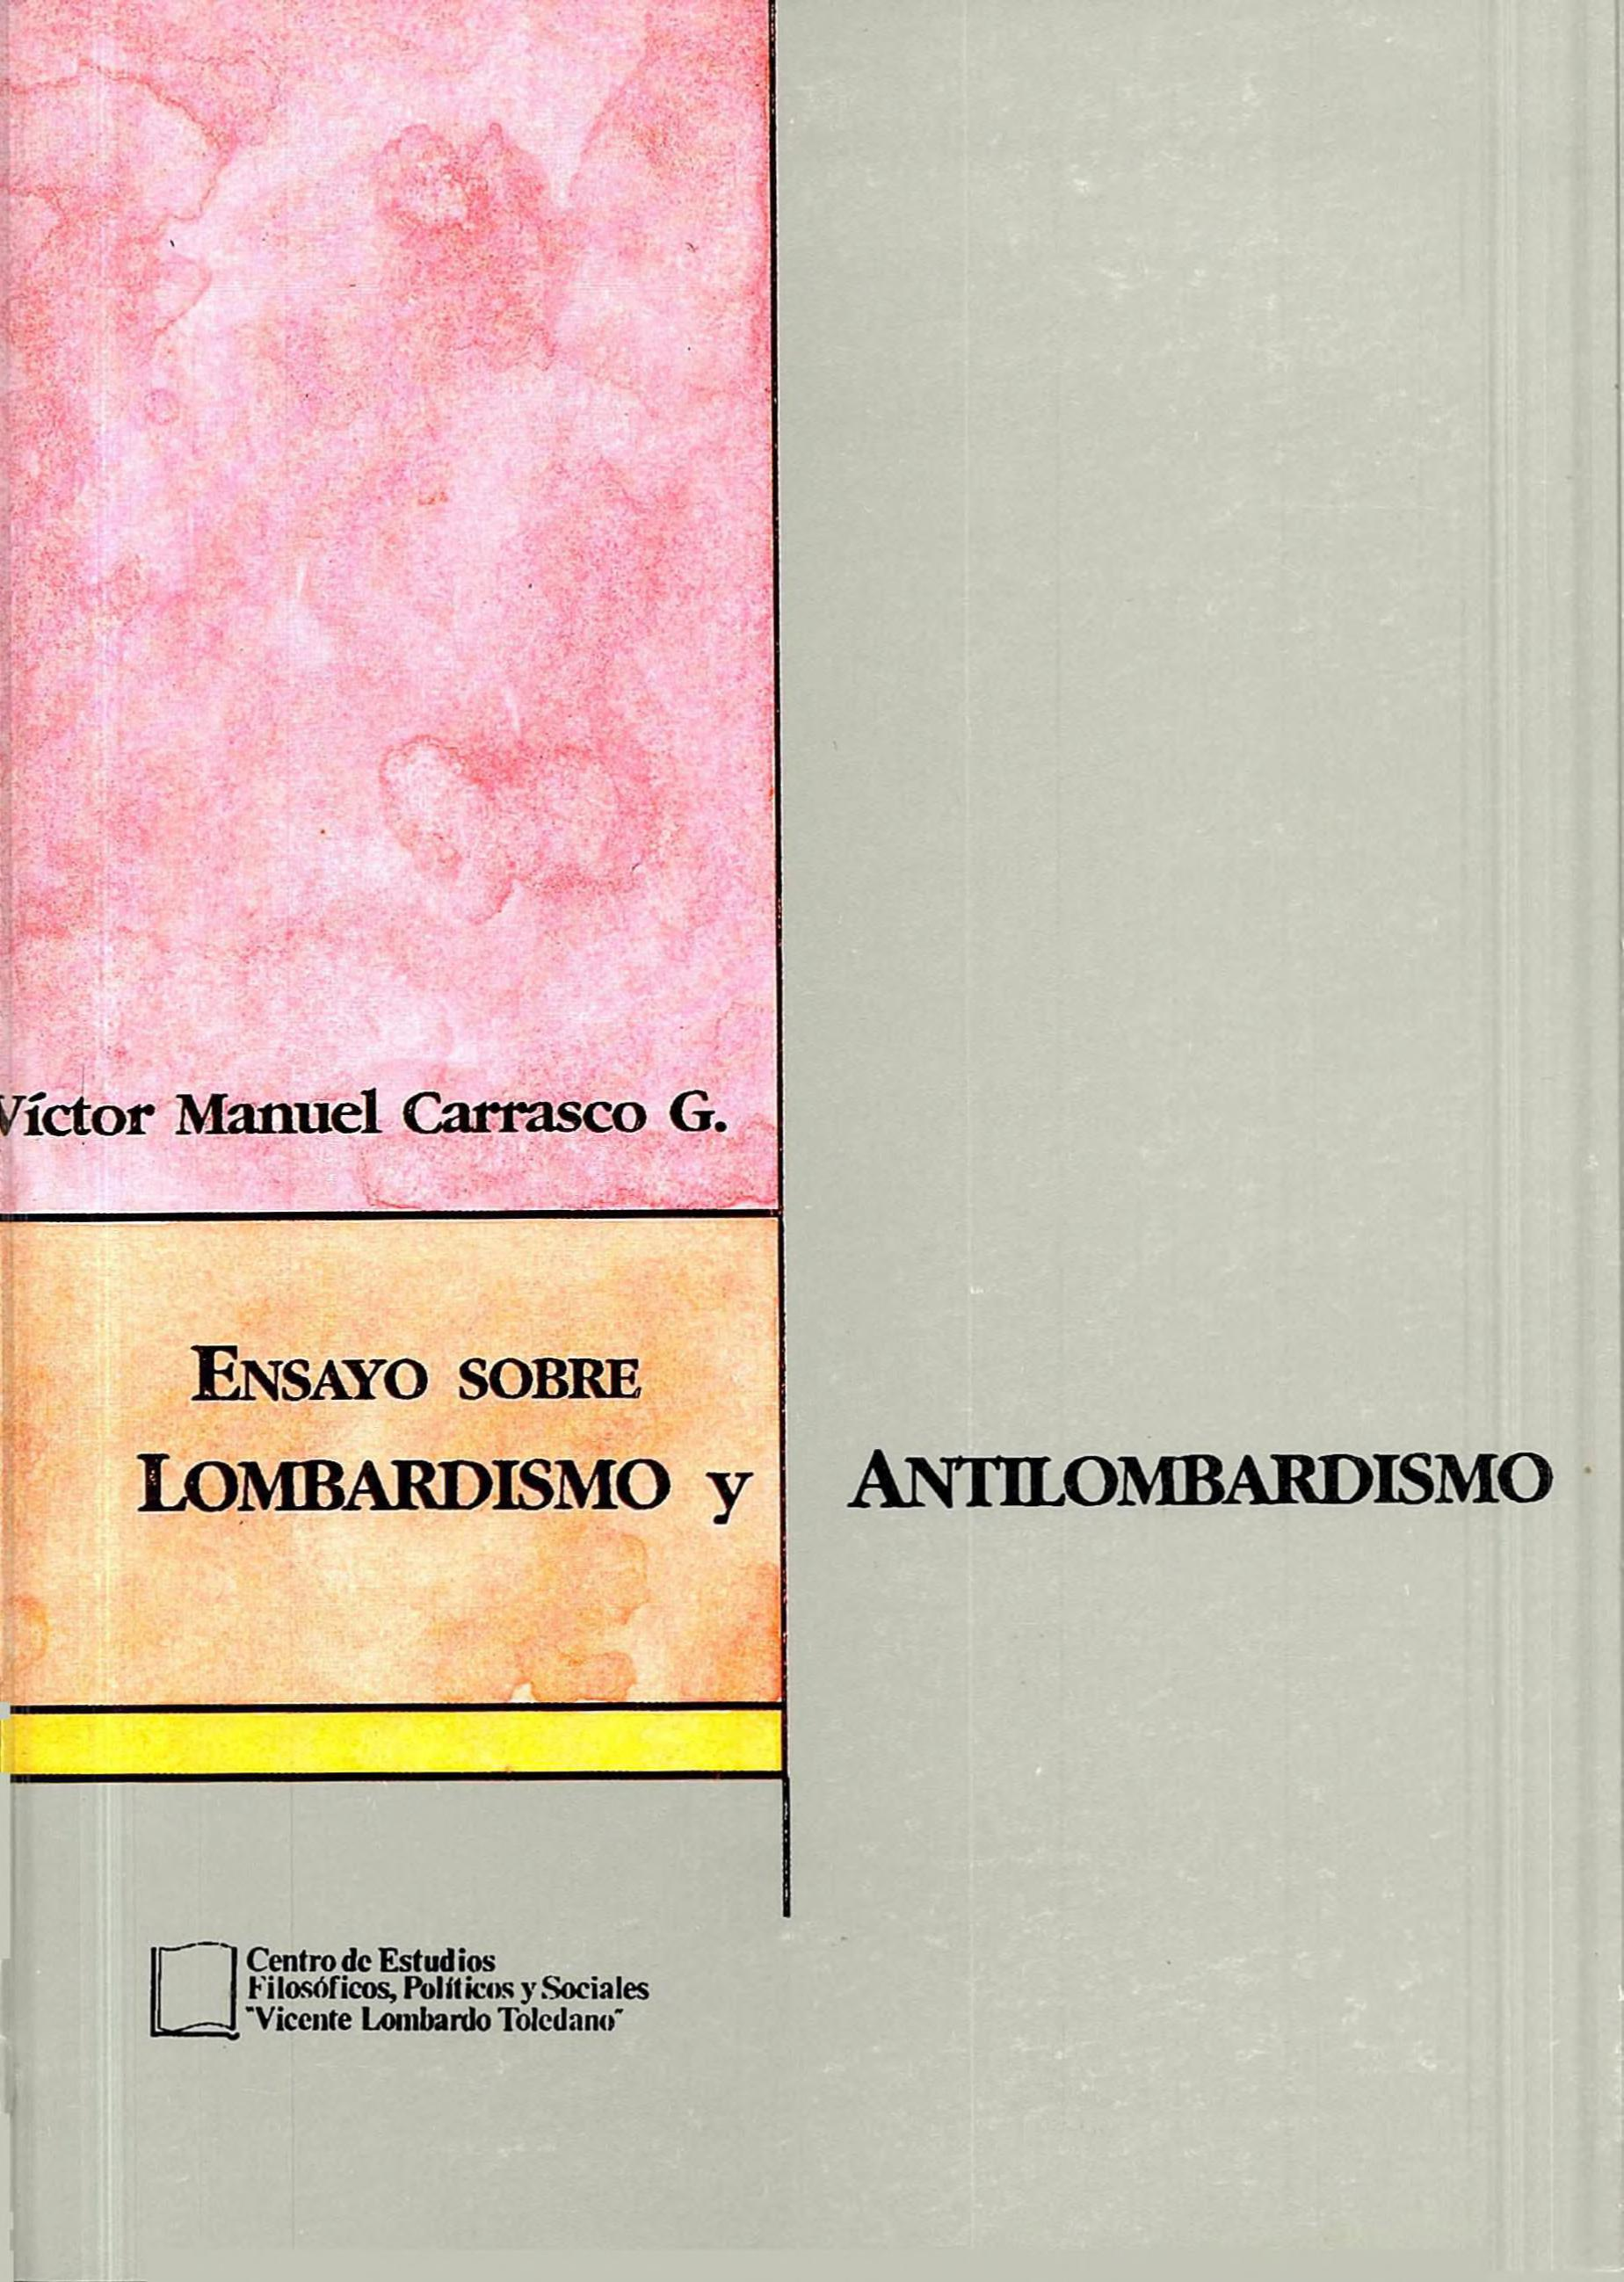 Portada del libro: ENSAYO SOBRE LOMBARDISMO Y ANTILOMBARDISMO